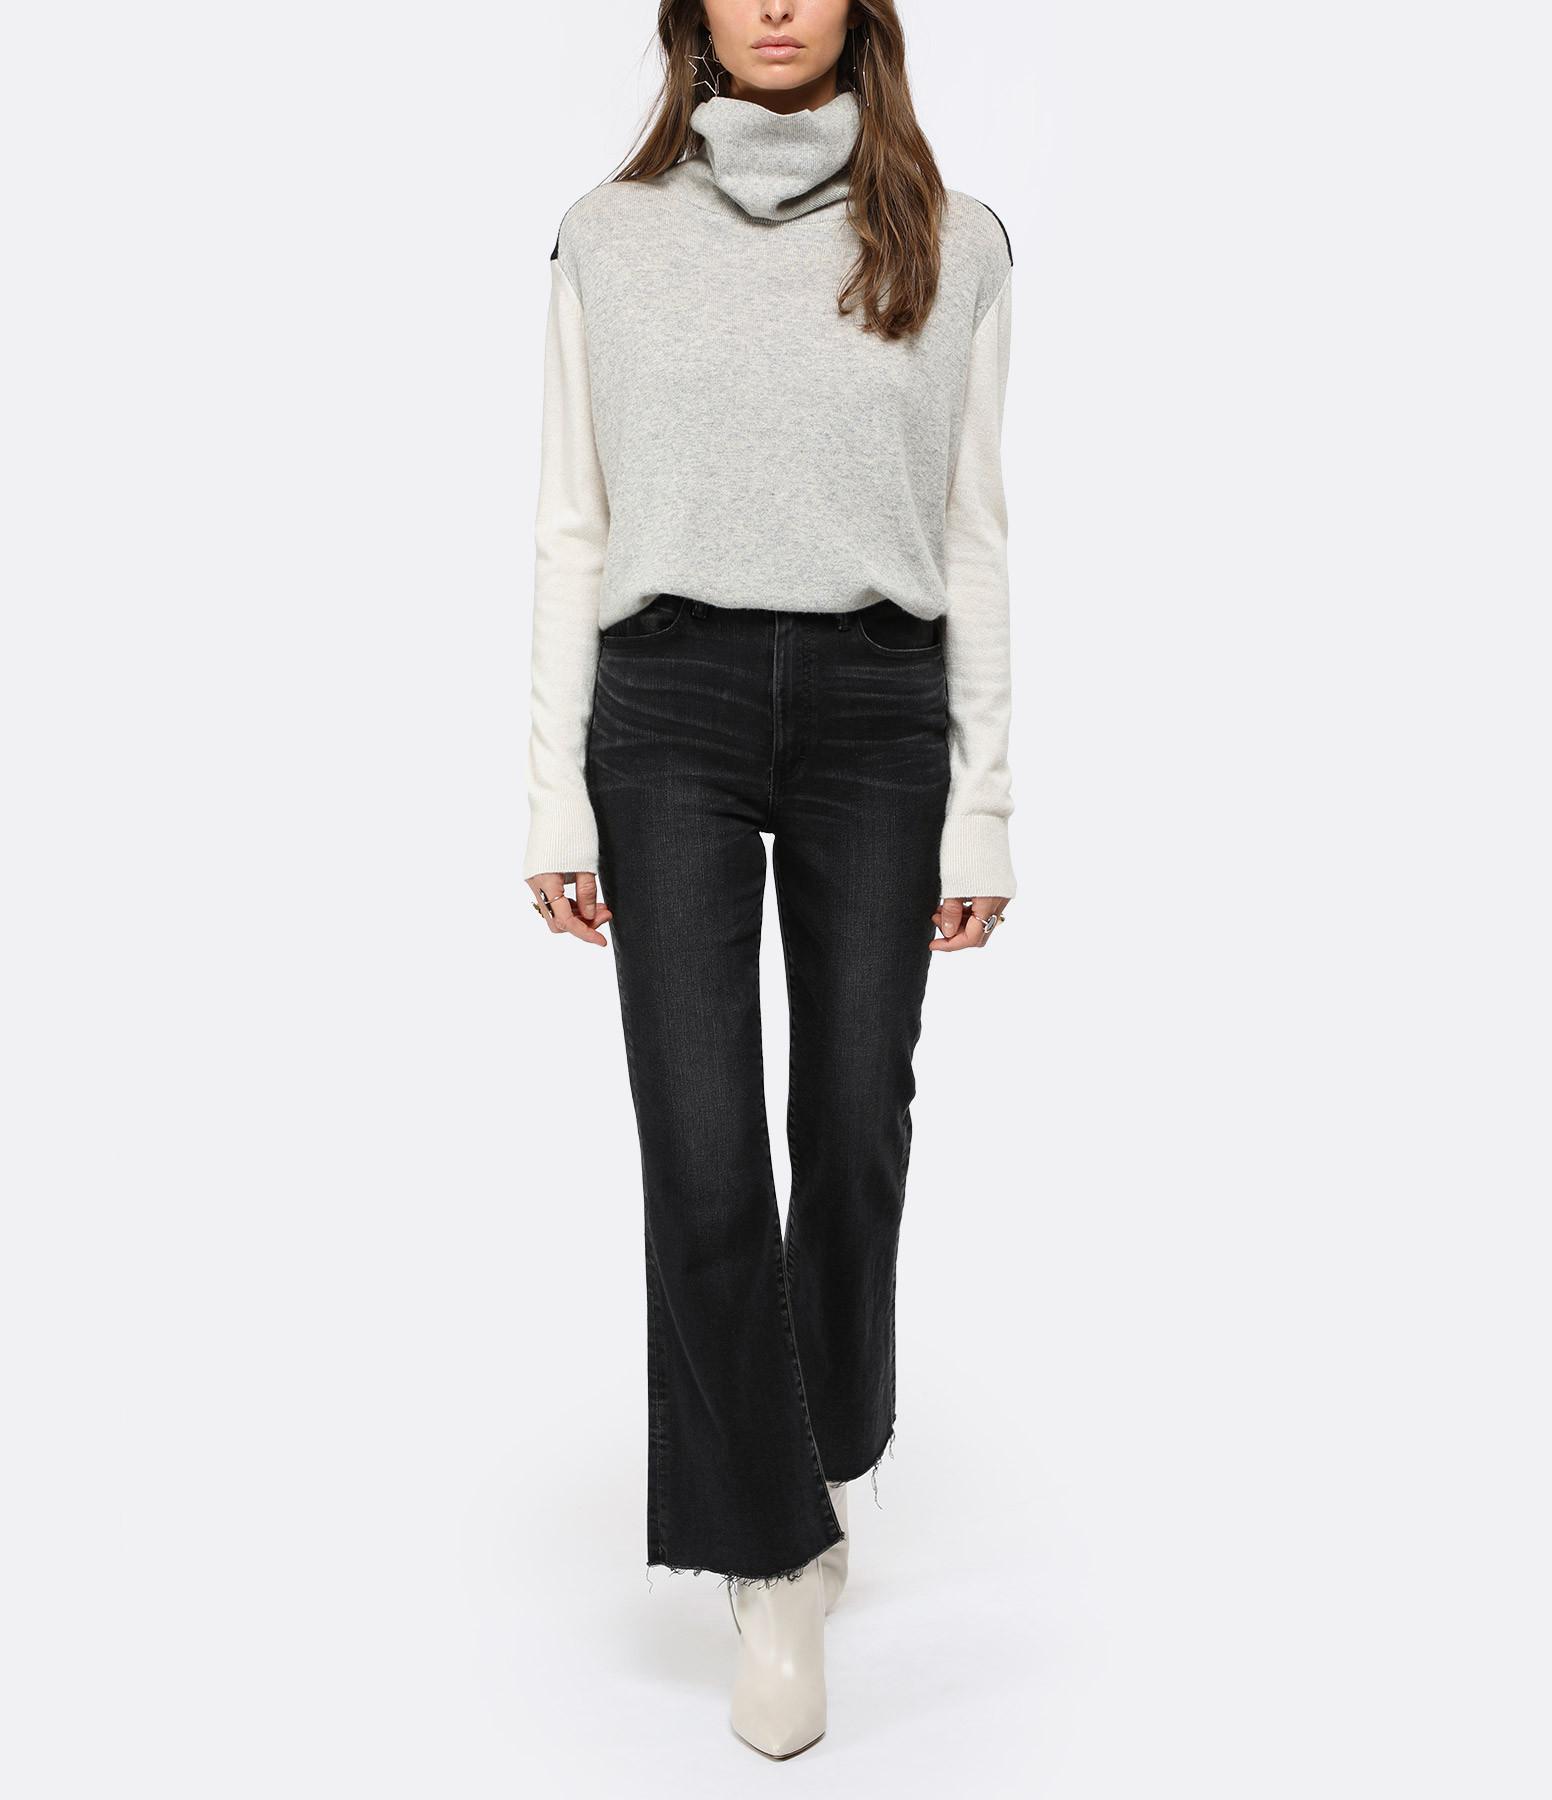 MOUSSY VINTAGE - Jean Granby Stretch Flare Coton Noir